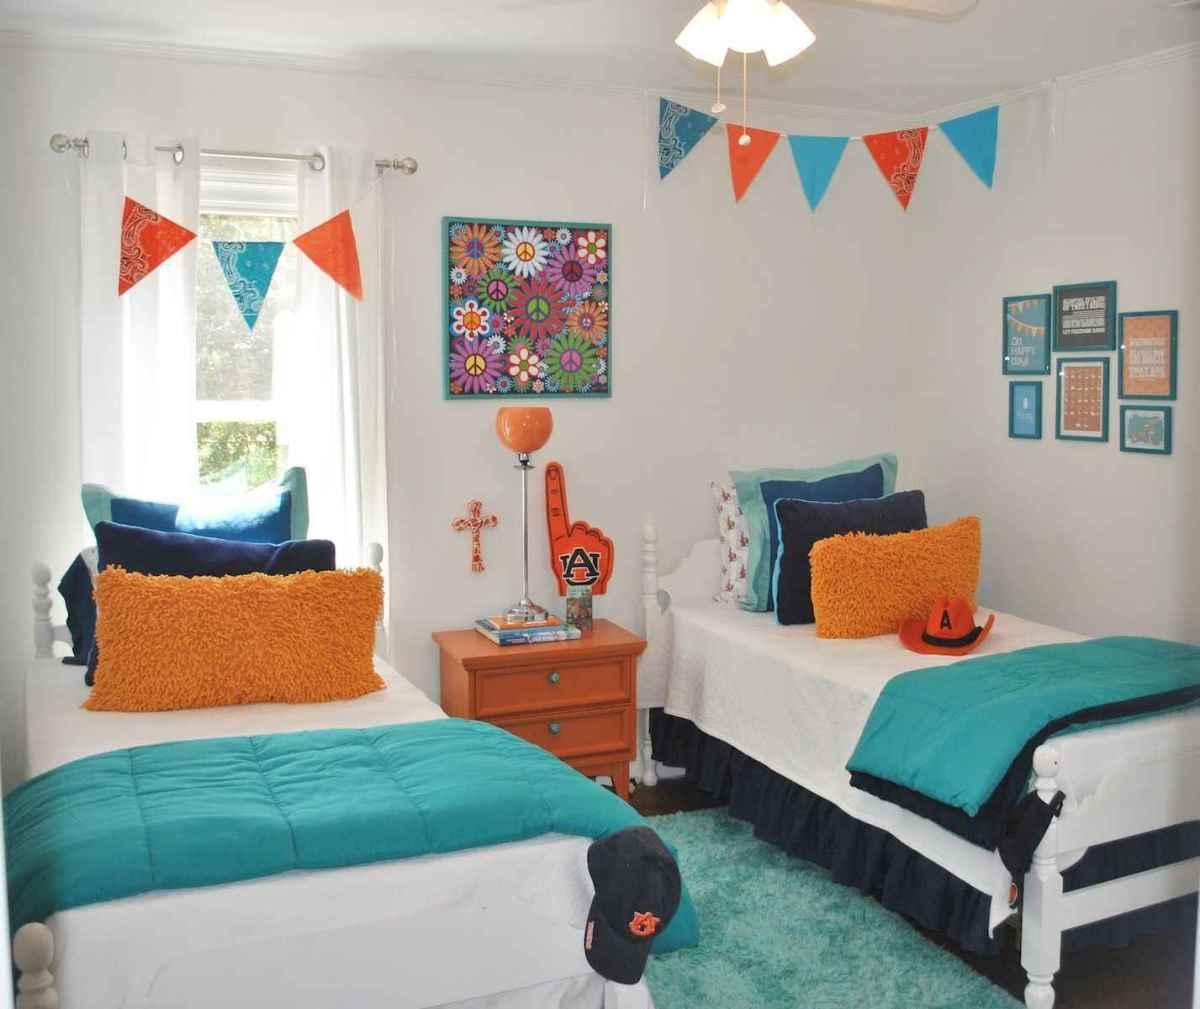 30 easy but stunning diy summer ideas room decor (13)